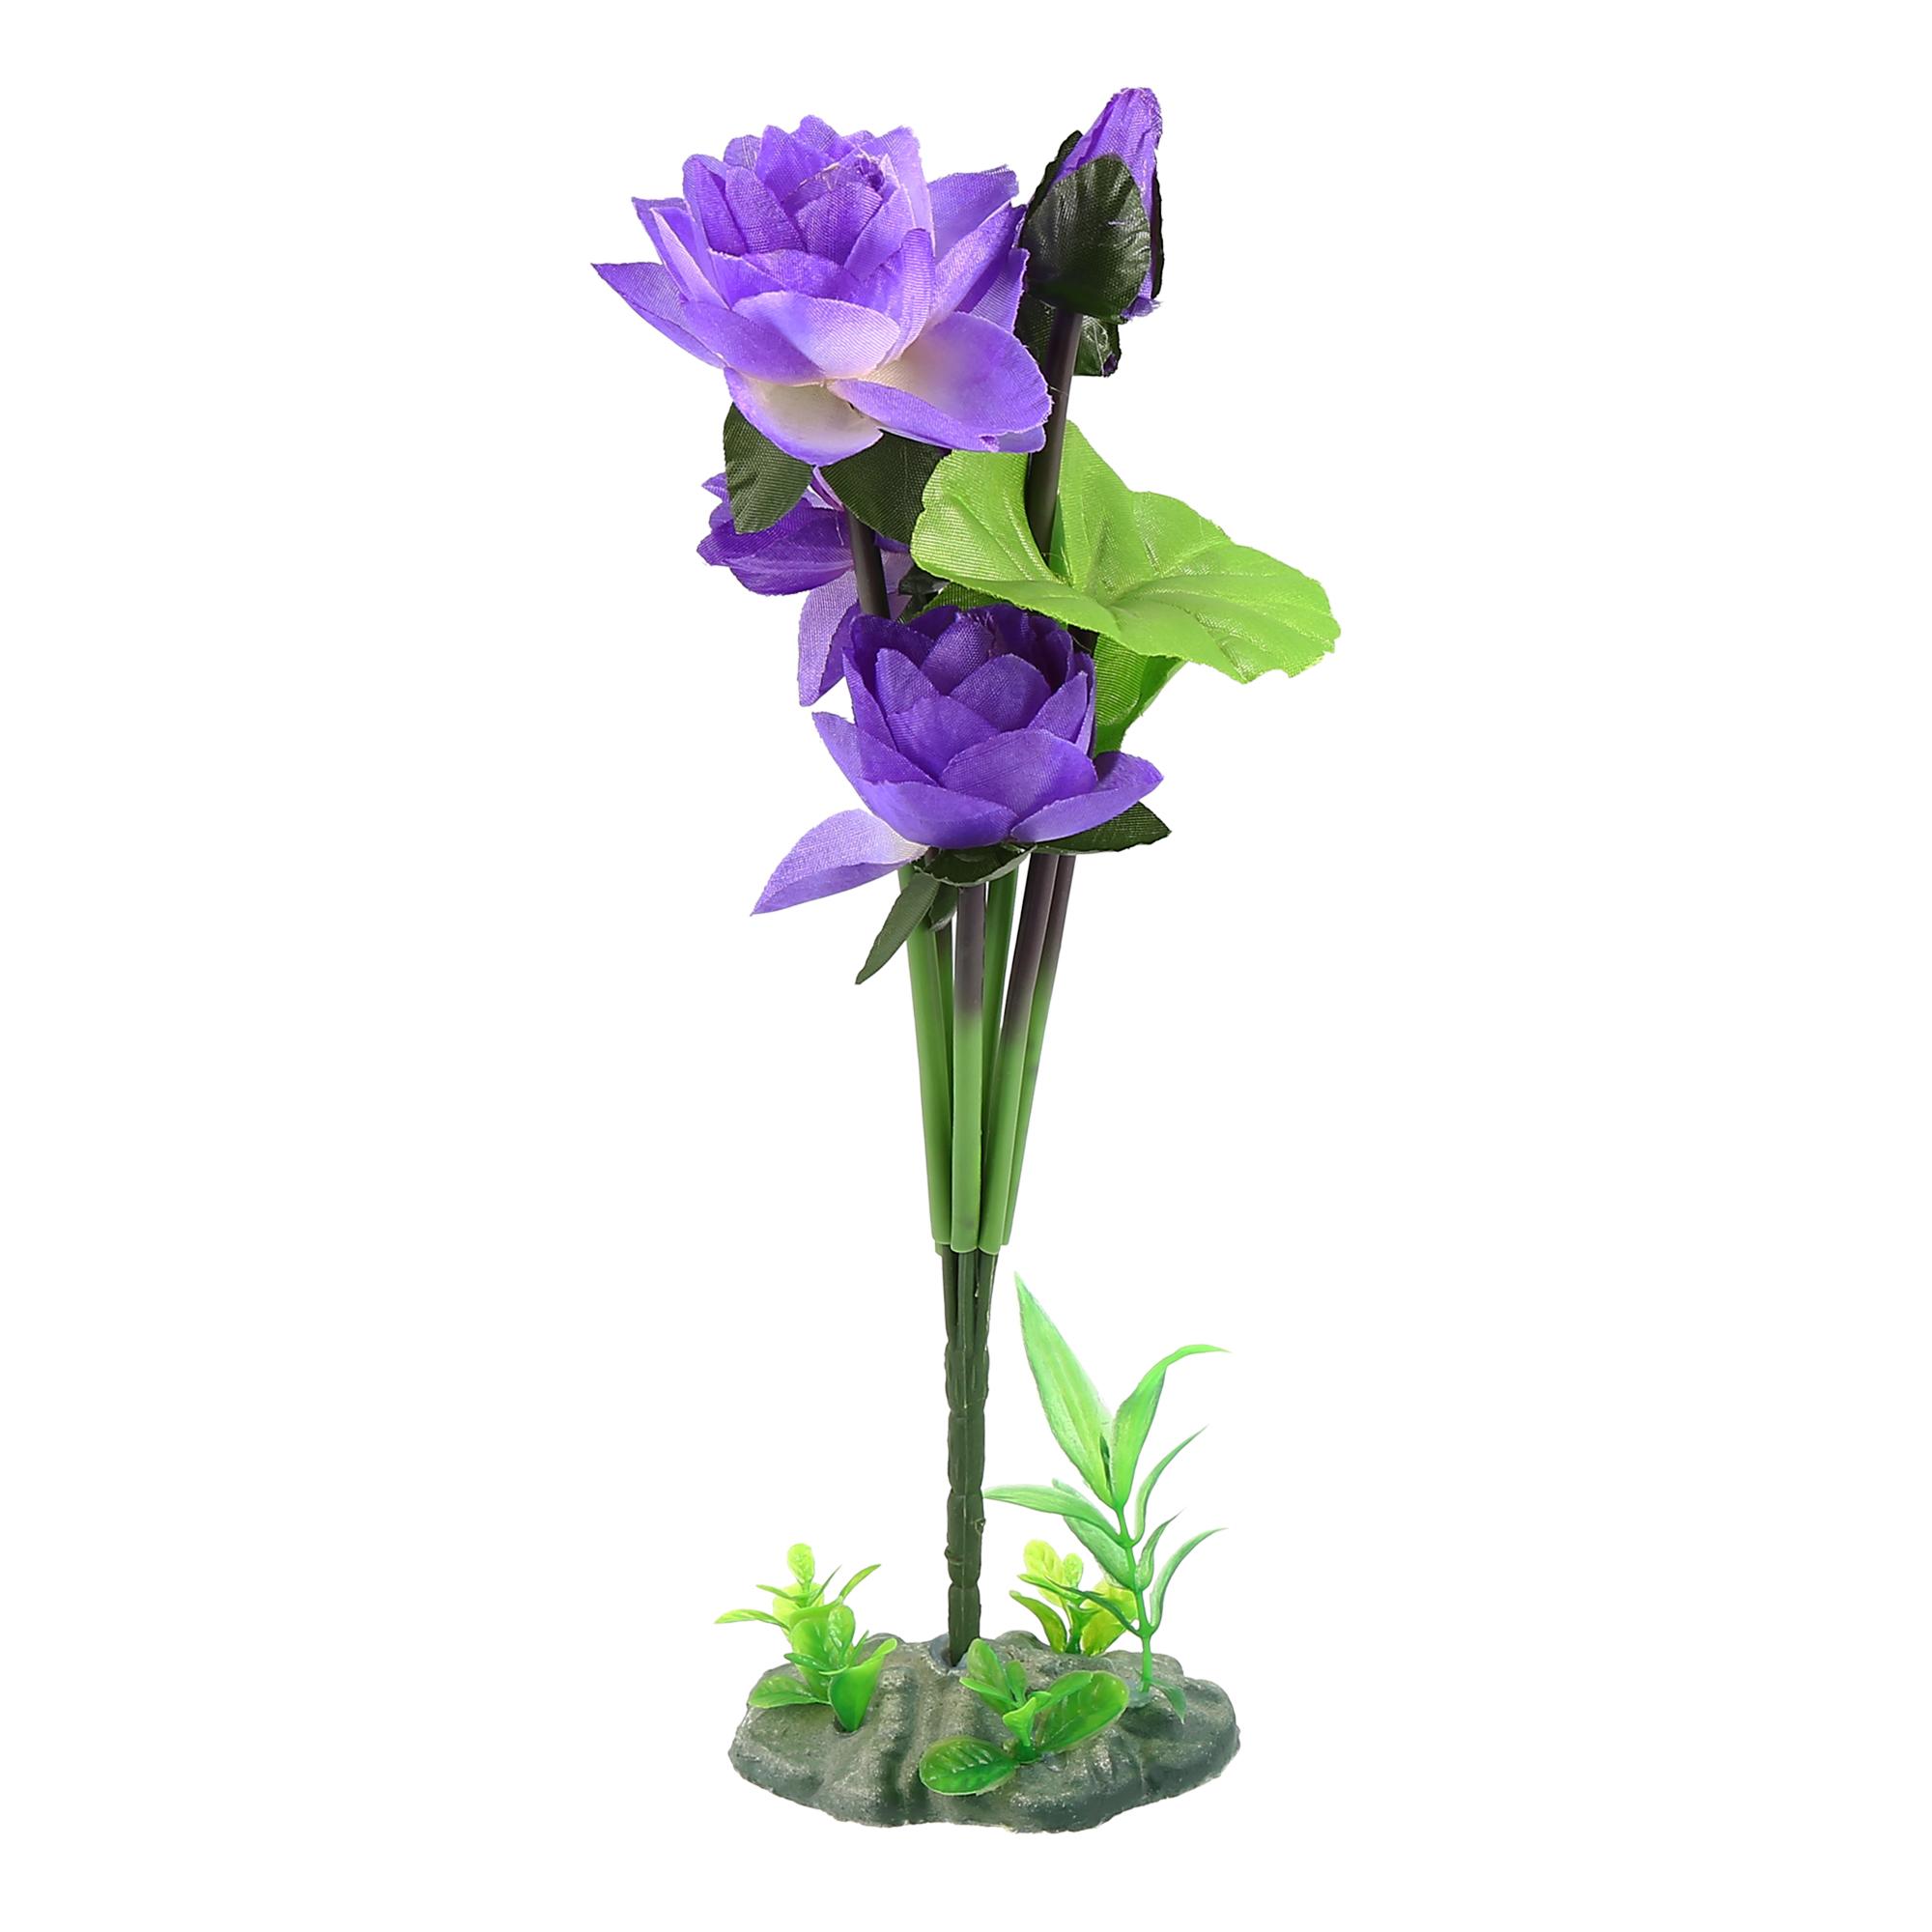 Plastic Flower Plant Aquarium Fishbowl Landscape Decorative Ornament Purple